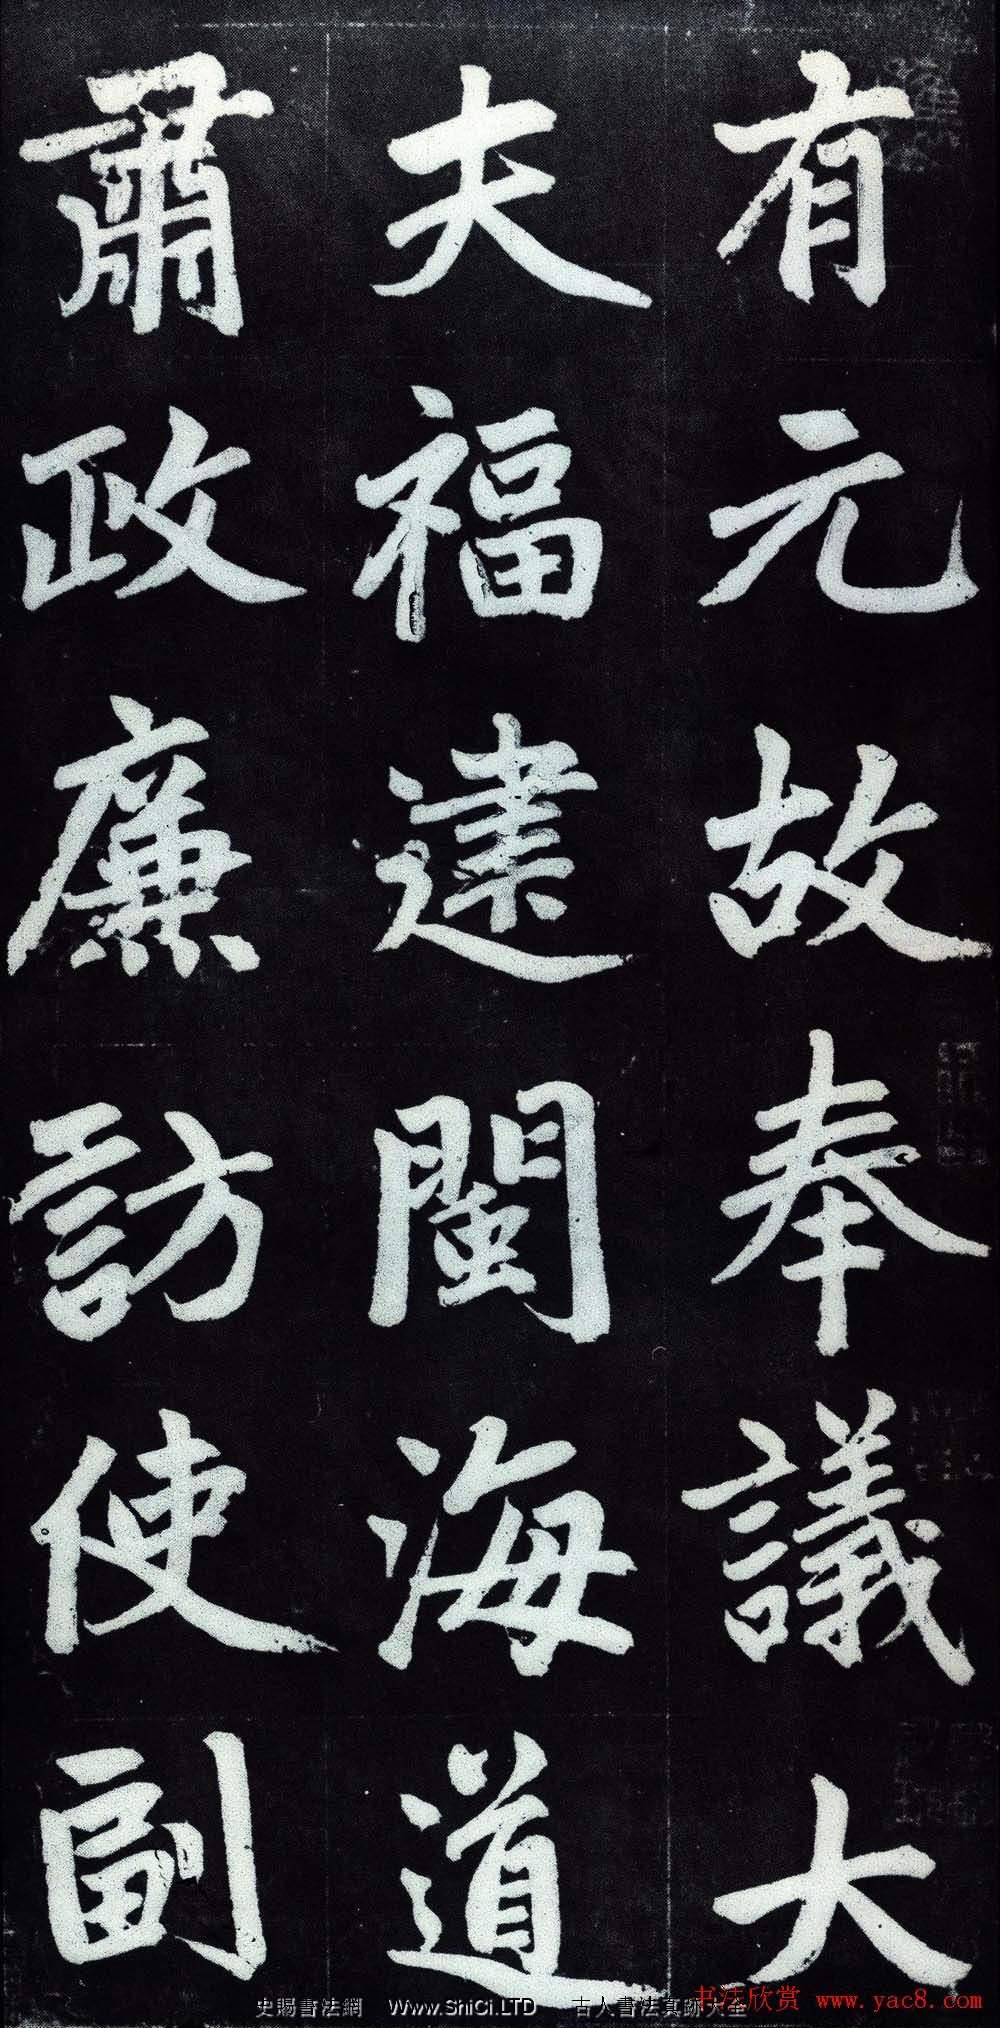 趙孟頫行楷書法字帖賞析《仇鍔墓碑銘》(共65張圖片)